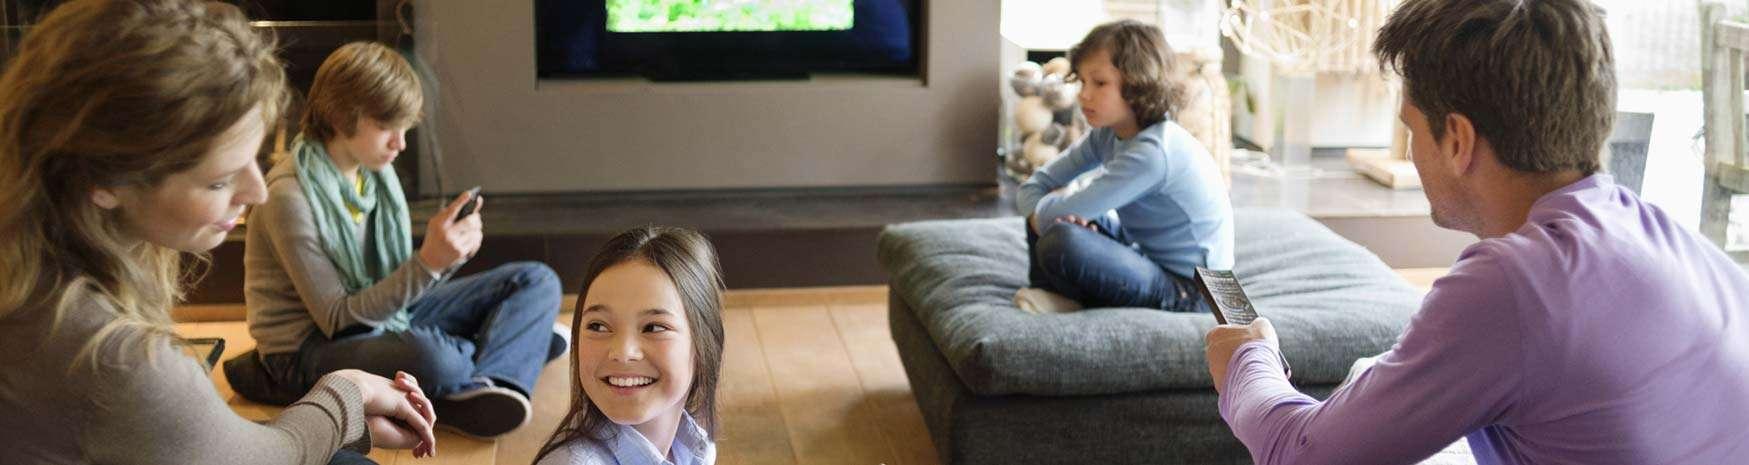 Offres combinées internet, TV, téléphonie fixe ET MOBILE